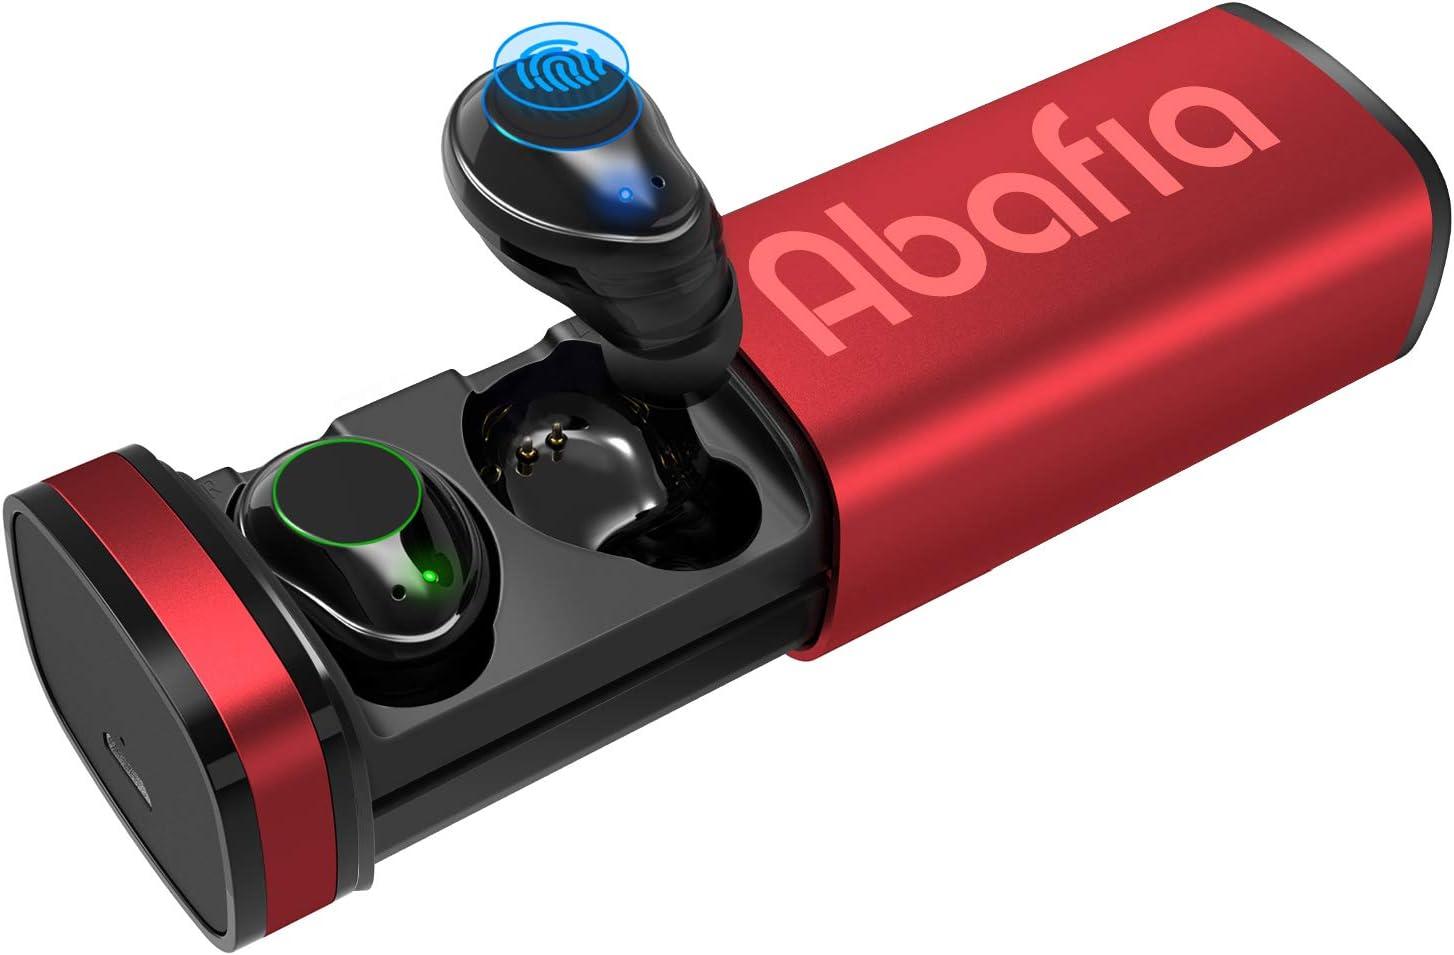 Abafia Auriculares Bluetooth 5.0, Auriculares inalámbricos Mini Invisibles In Ear con Micrófono Incorporado Estéreo Auricular Deportivo con Caja de Carga para Samsung/iPhone/Huawei (Rojo)